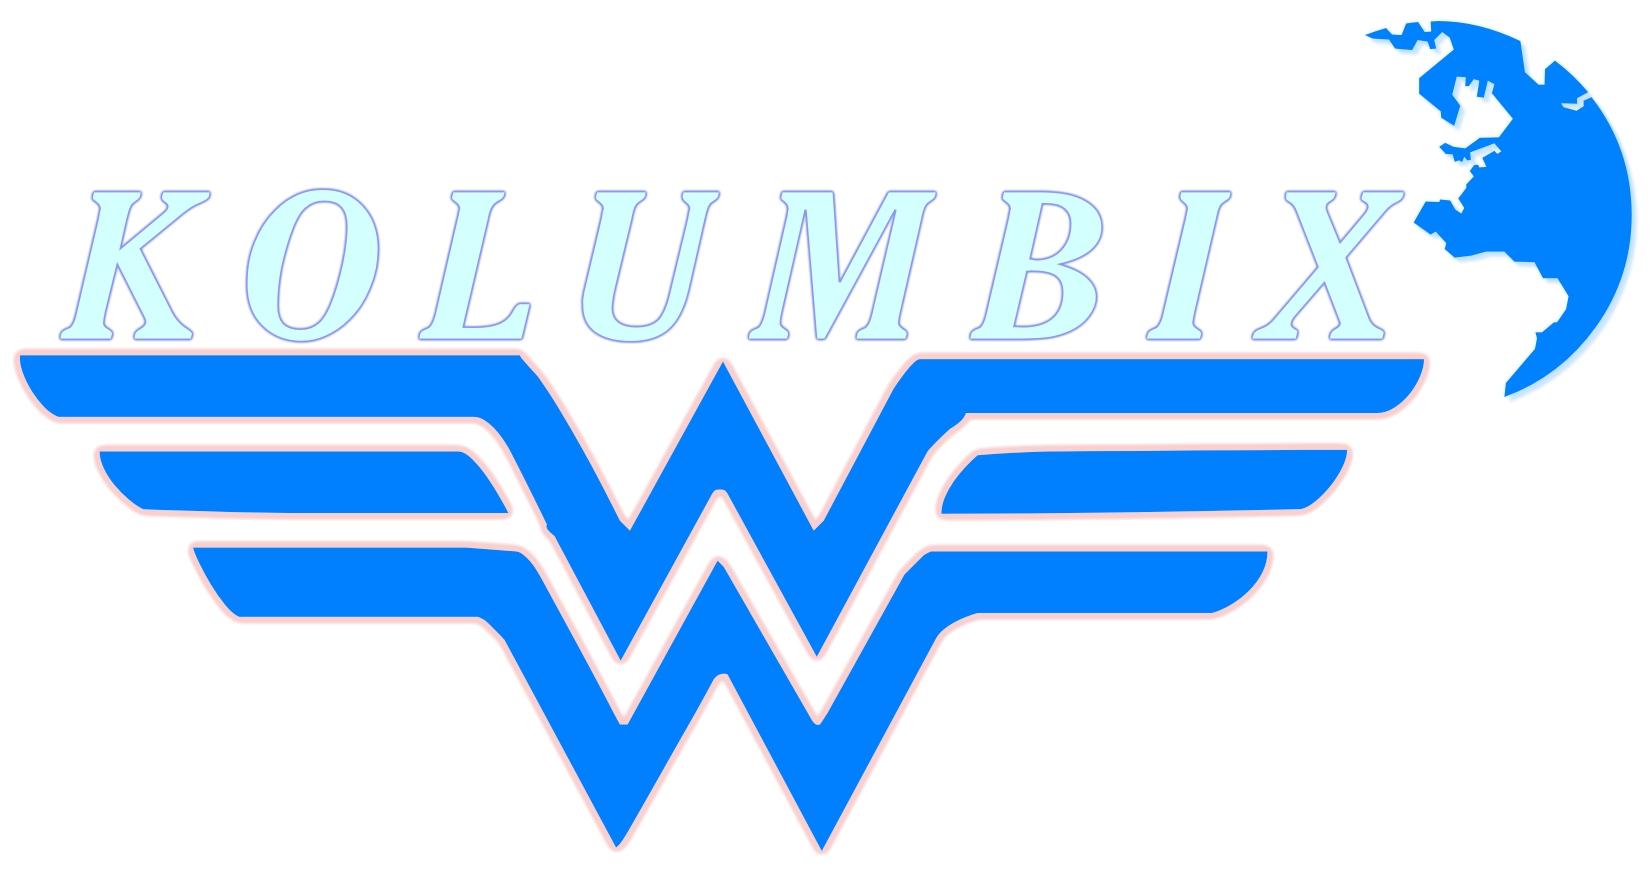 Создание логотипа для туристической фирмы Kolumbix фото f_4fb536969bc38.jpg